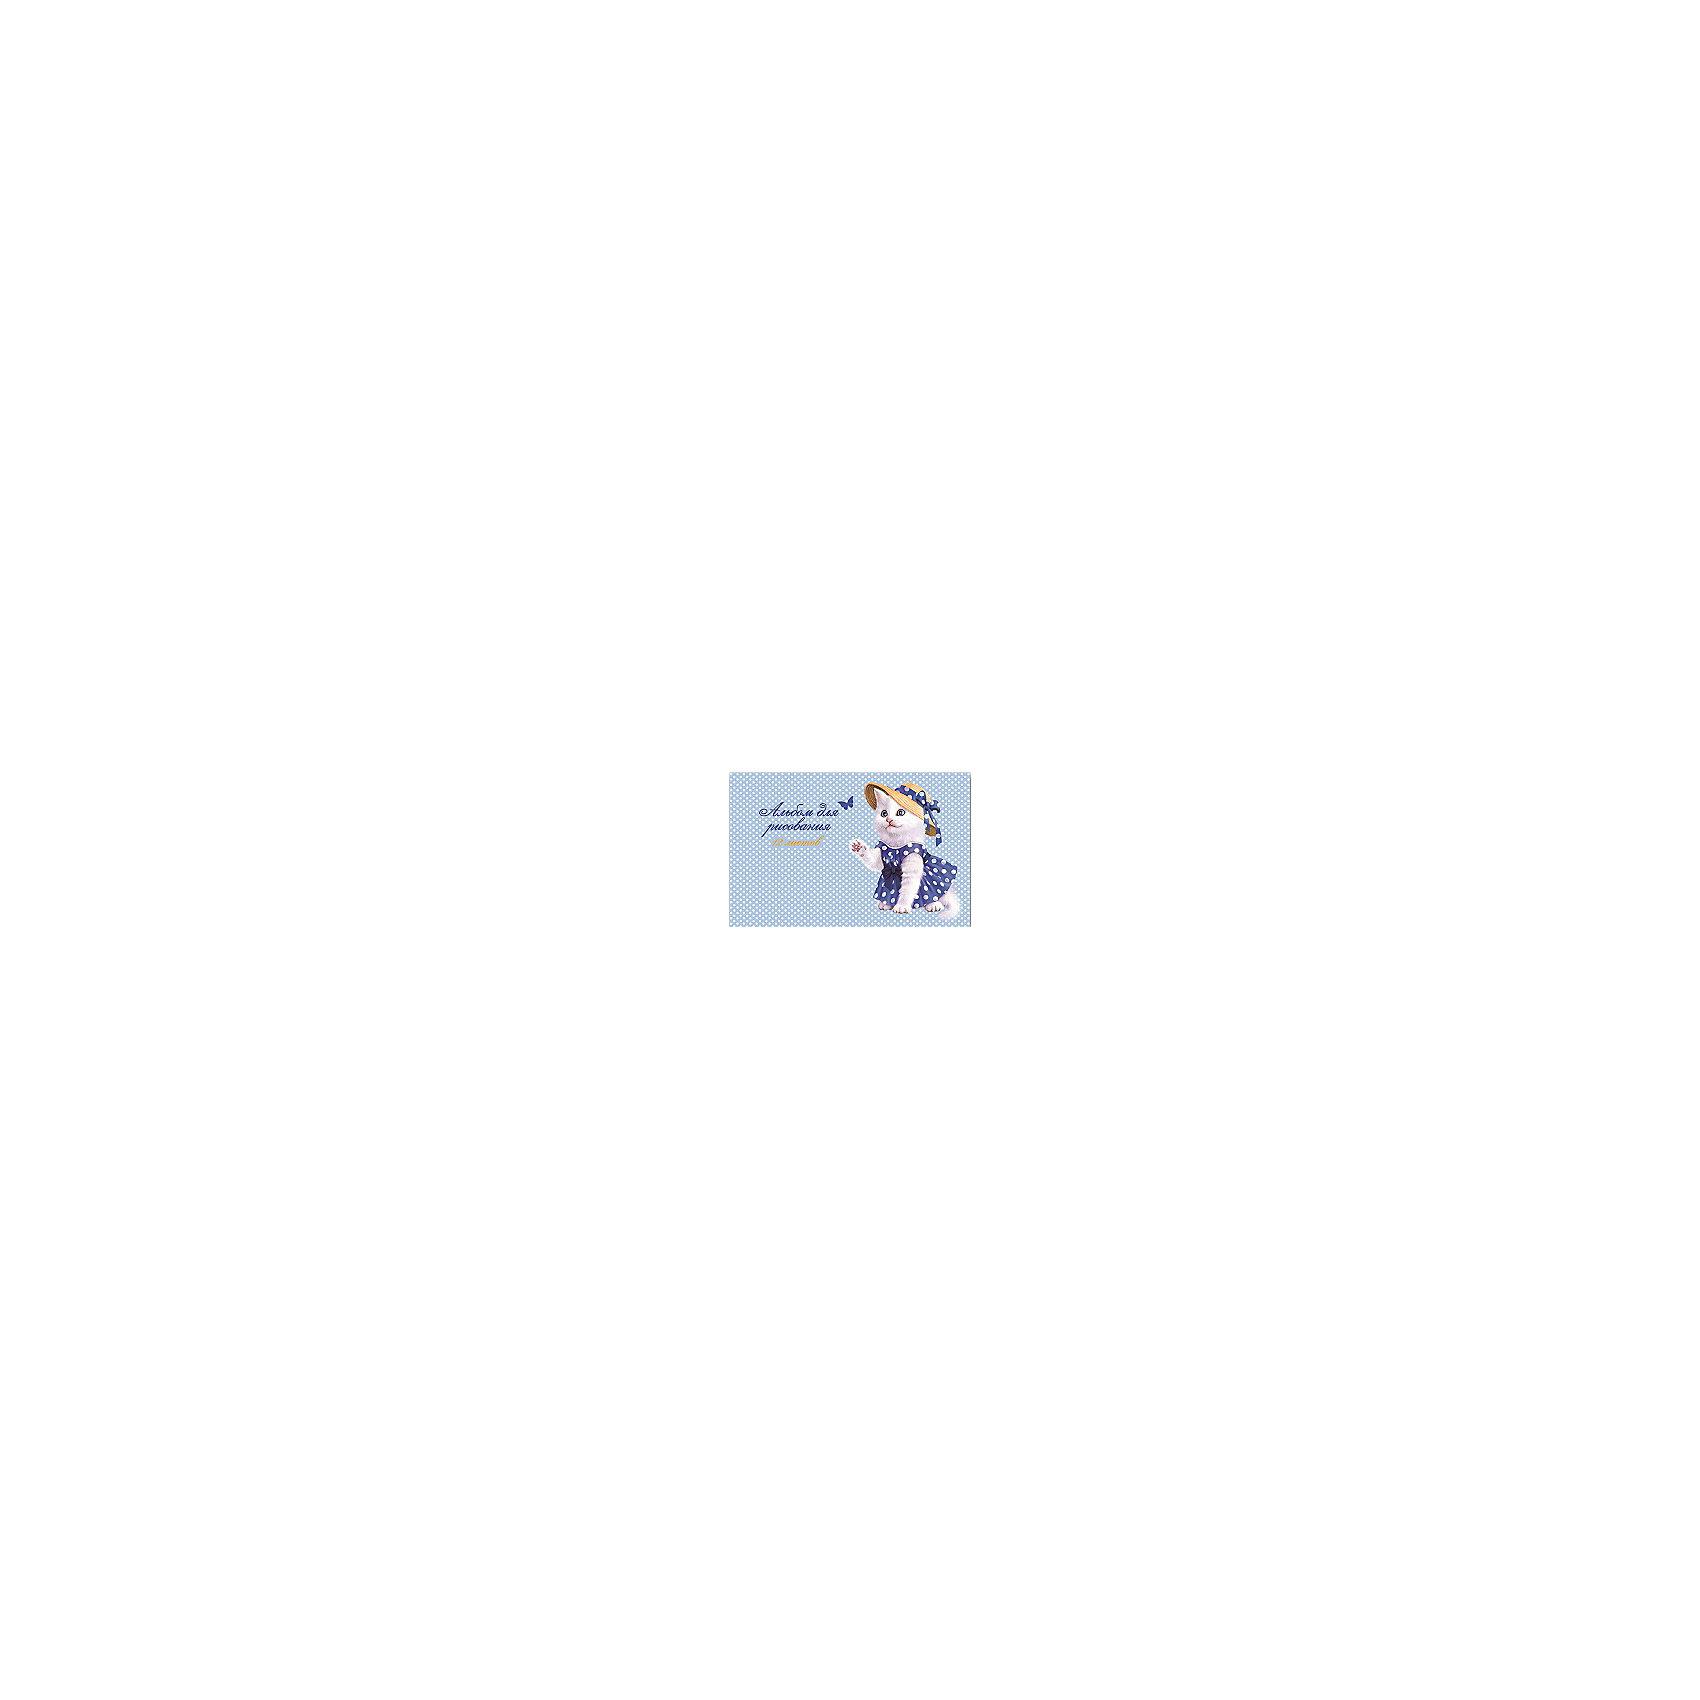 Альбом для рисования Кошечка-модница, 12лСкоро 1 сентября, а значит Вашему ребенку обязательно понадобиться альбом для рисования!<br><br>Дополнительная информация:<br><br>- Возраст: от 3 лет.<br>- 12 листов.<br>- Орнамент: кошечка-модница.<br>- Формат: А4.<br>- Материал: бумага, картон.<br>- Размер упаковки: 28,5х20х0,3 см.<br>- Вес в упаковке: 90 г.<br><br>Купить альбом для рисования Кошечка-модница можно в нашем магазине.<br><br>Ширина мм: 285<br>Глубина мм: 200<br>Высота мм: 3<br>Вес г: 90<br>Возраст от месяцев: 36<br>Возраст до месяцев: 2147483647<br>Пол: Женский<br>Возраст: Детский<br>SKU: 4943427